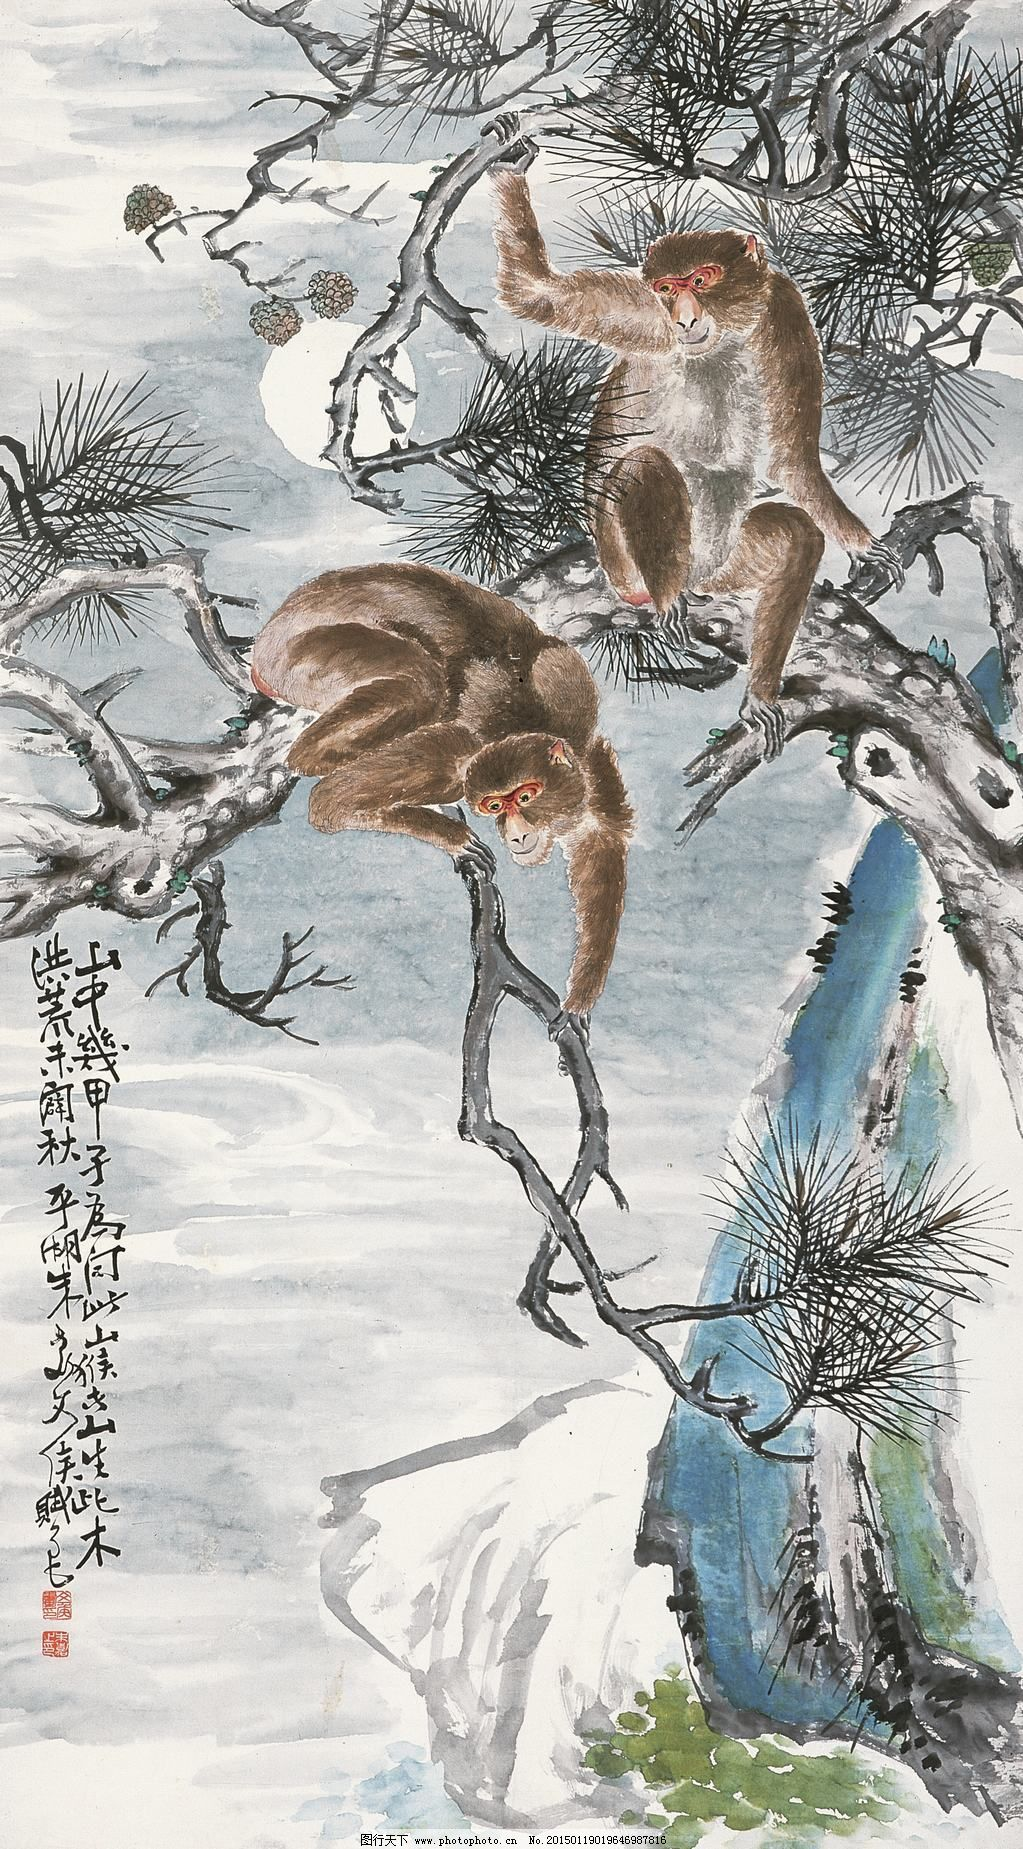 山野顽猴攀高枝 山野顽猴攀高枝免费下载 刺绣 猴子 山石 松树